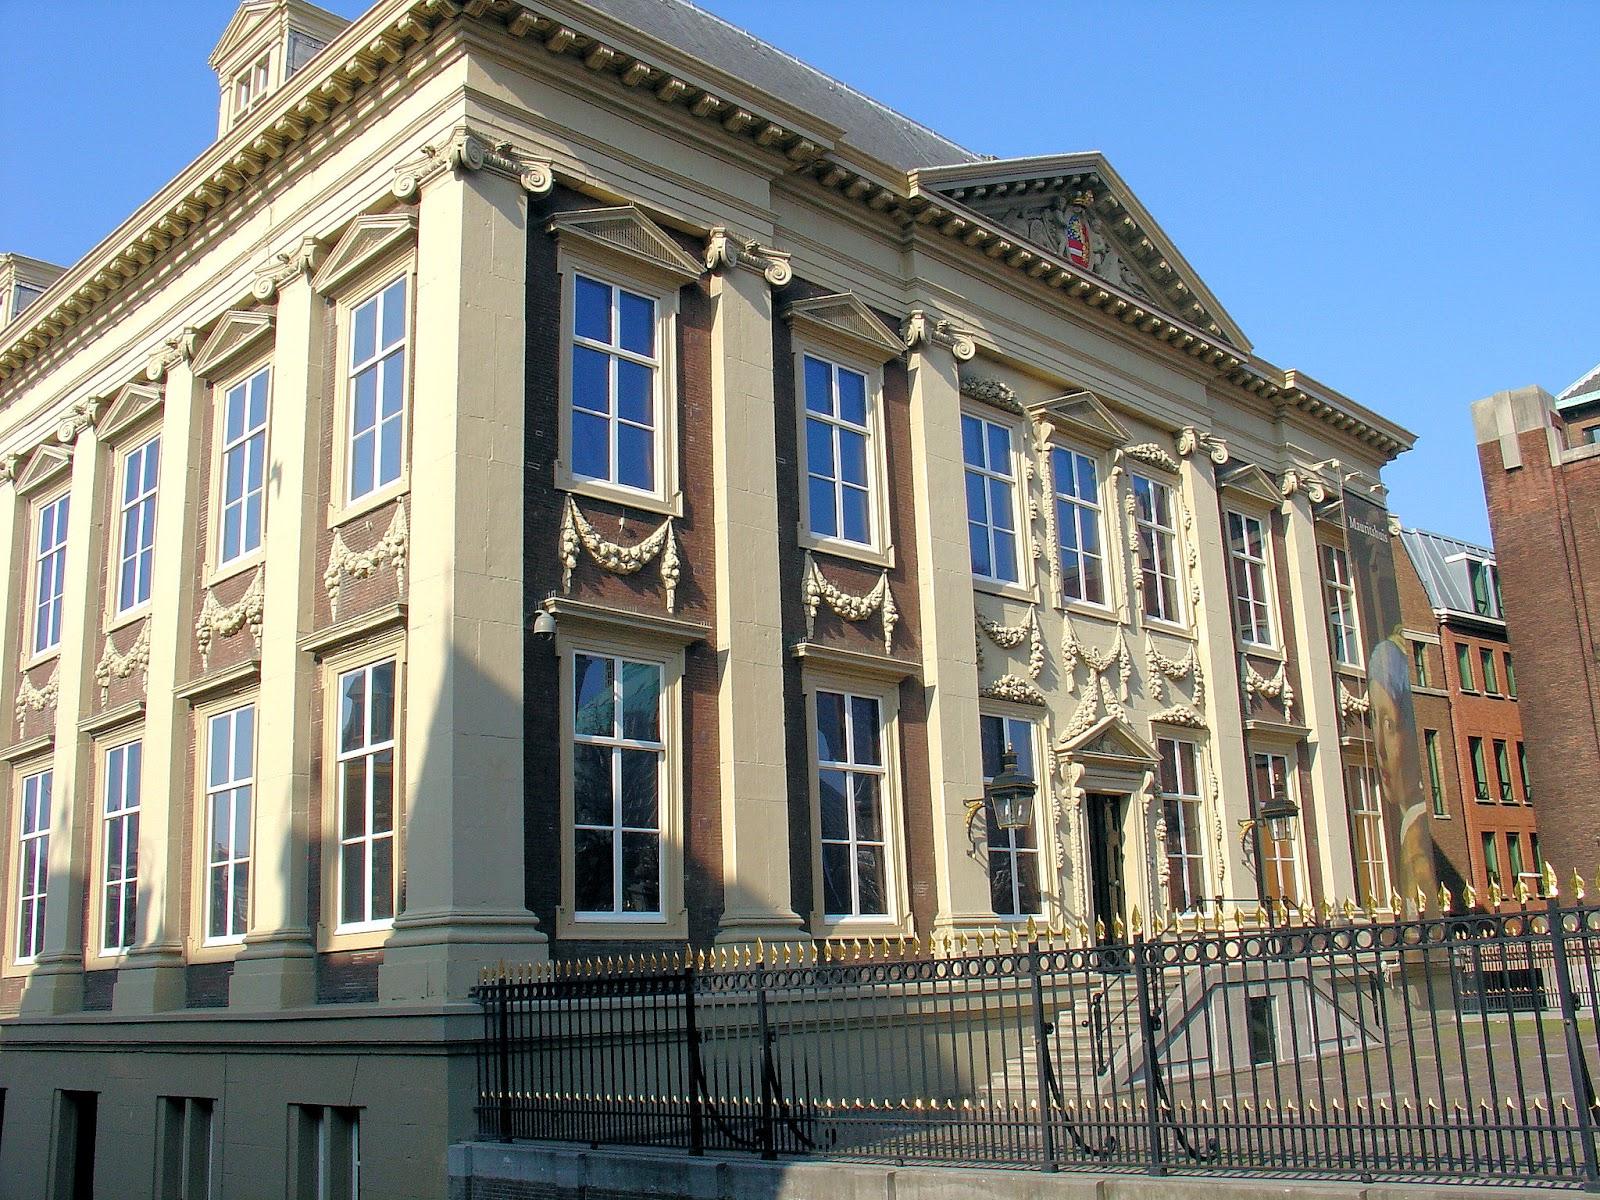 Arte y arquitectura arquitectura palladiana palladianismo for Arquitectura arquitectura